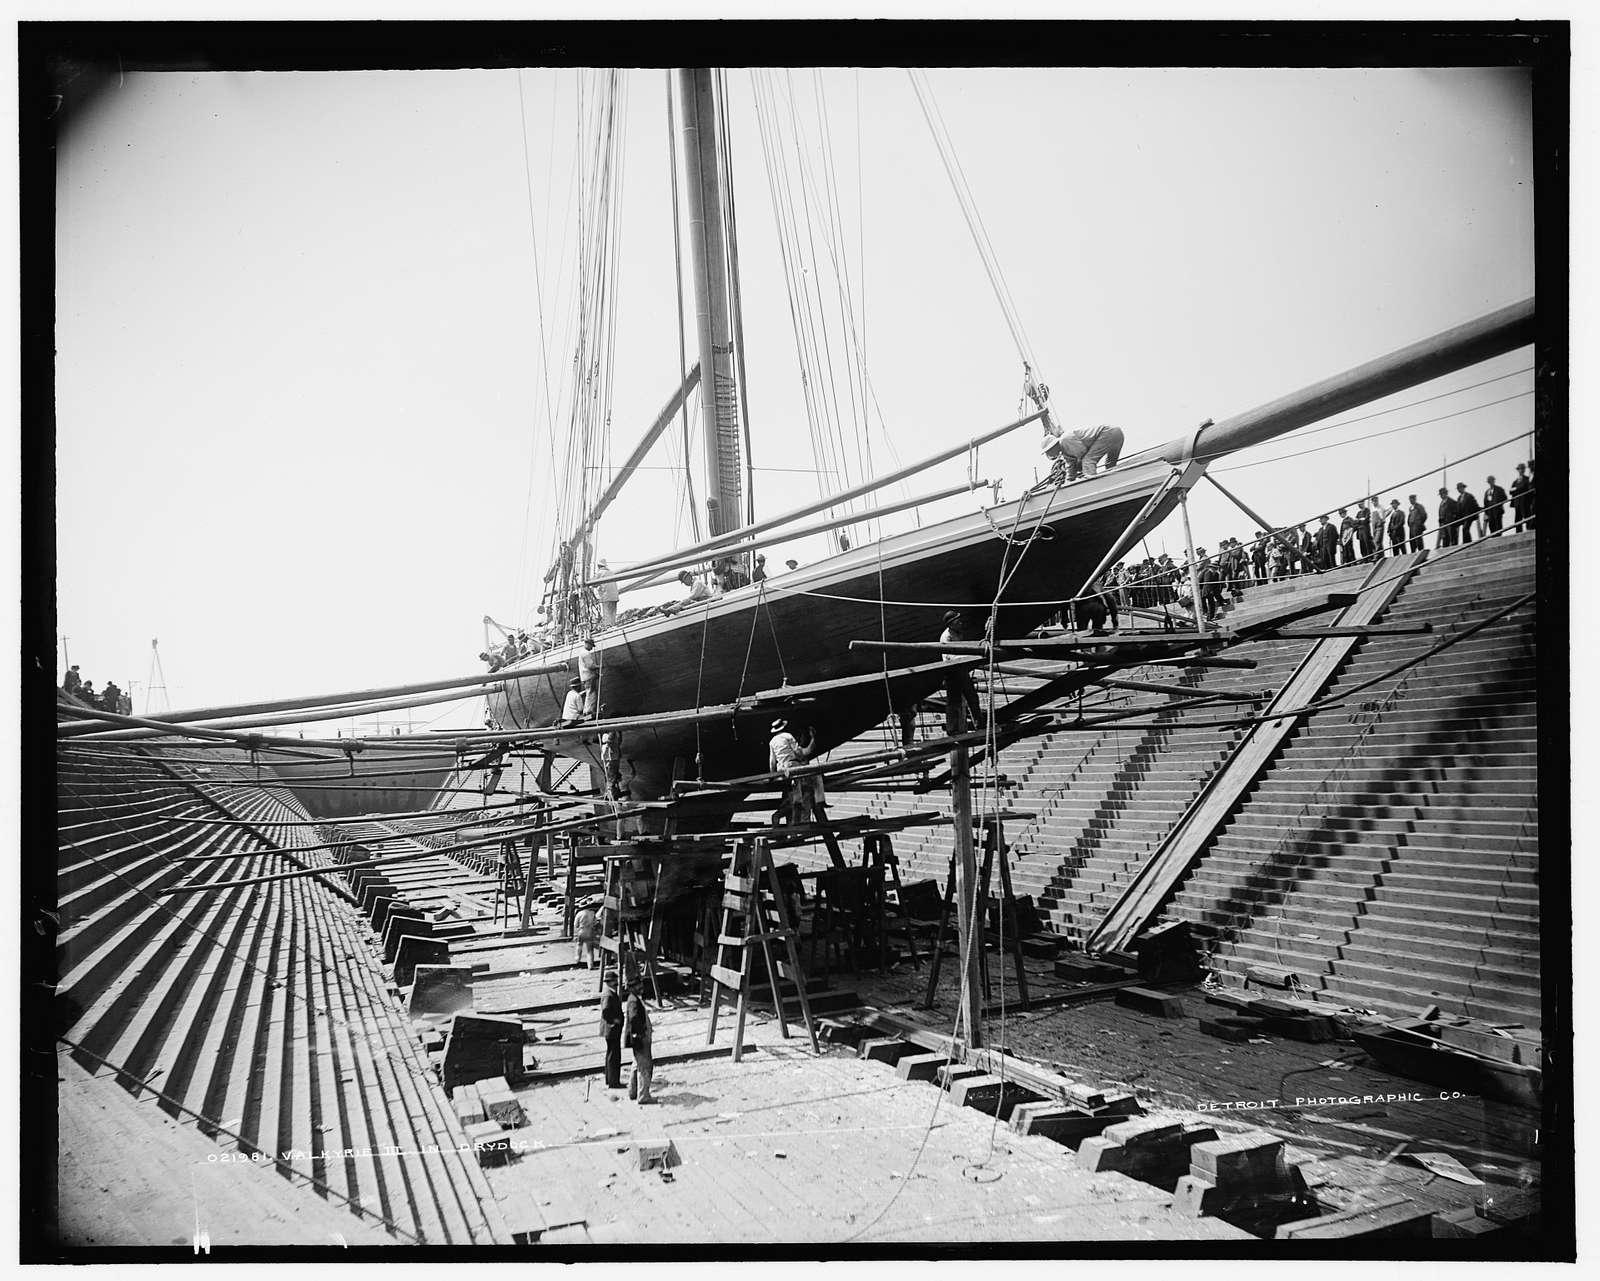 Valkyrie III in drydock